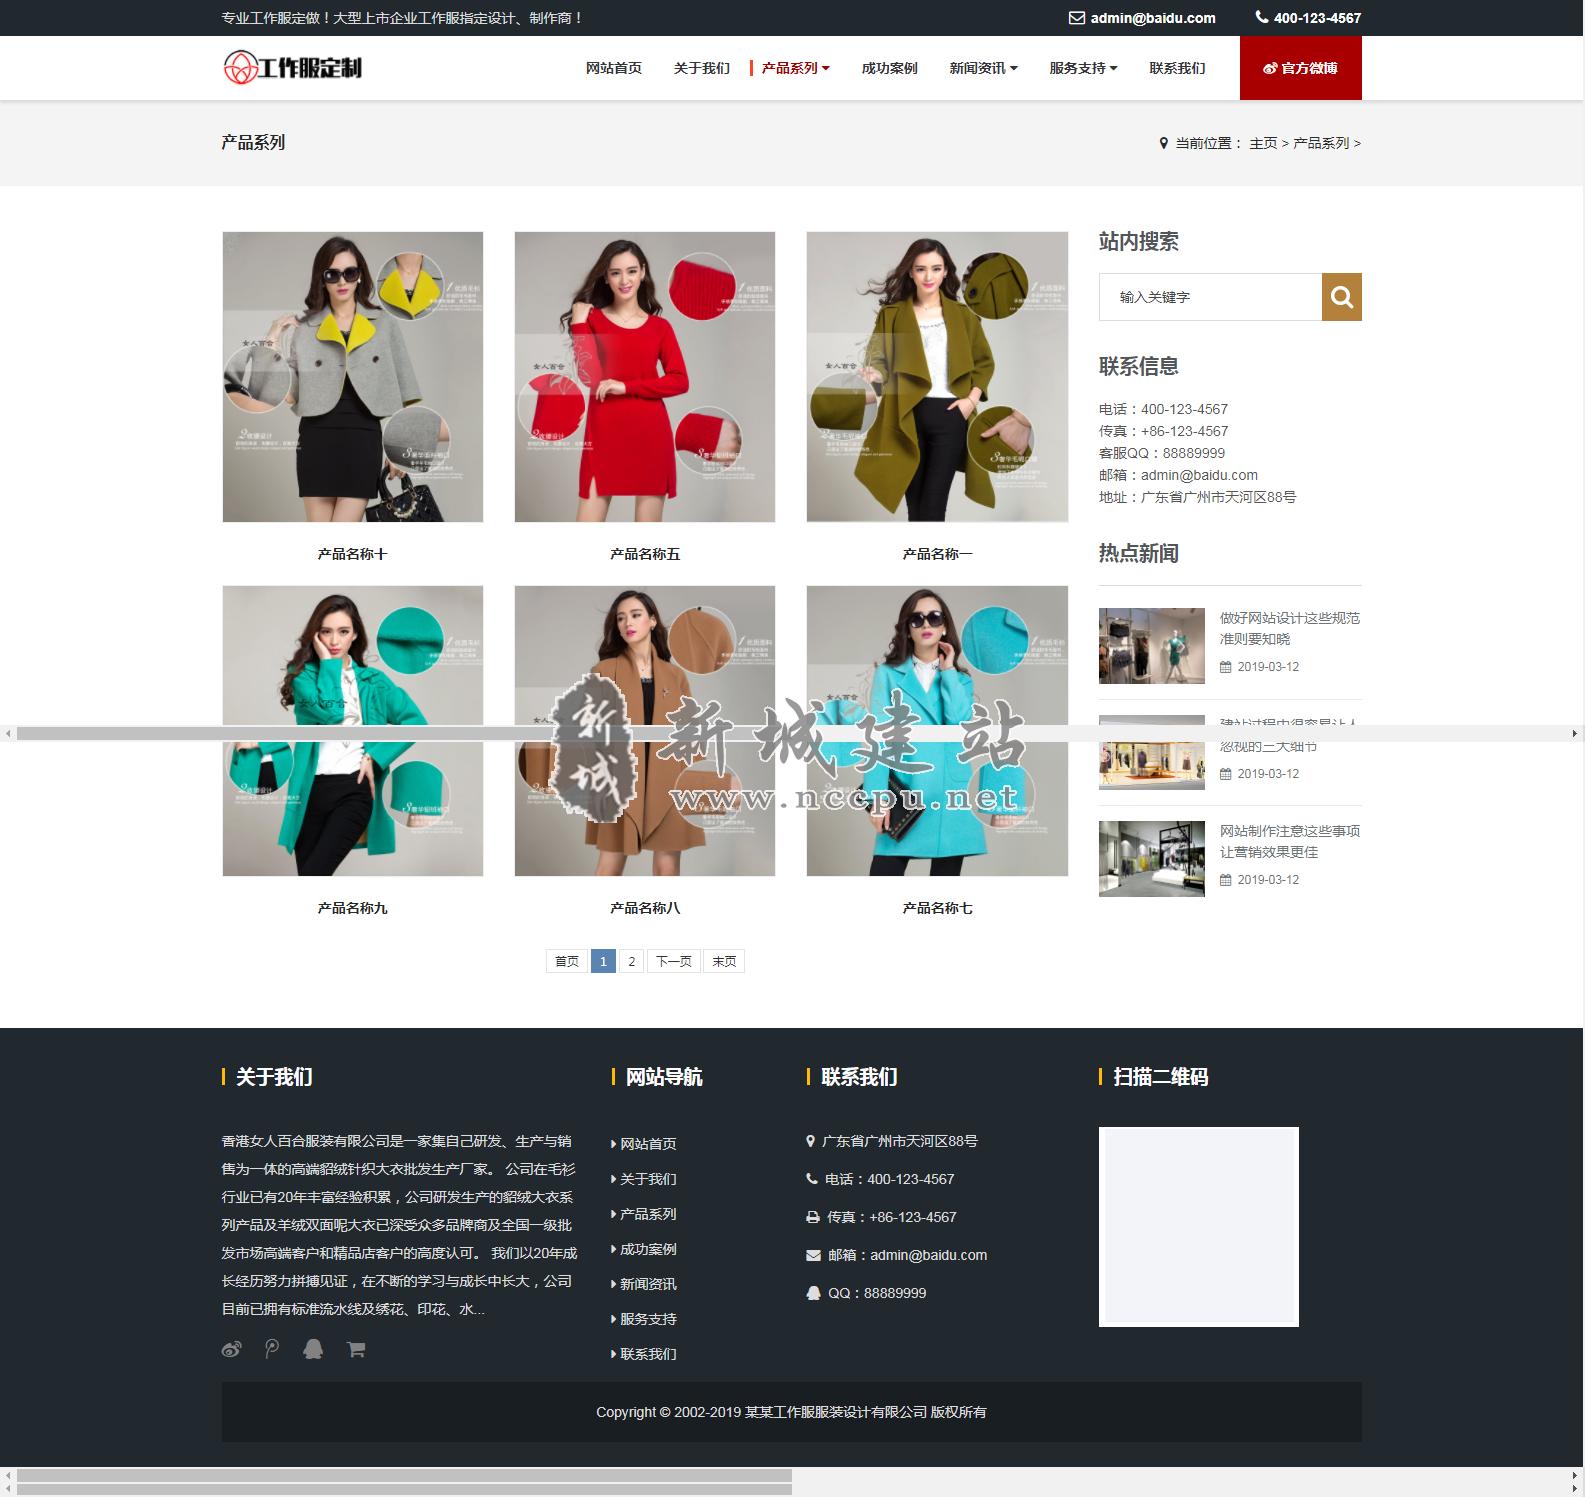 响应式企业工作服设计定制类公司网站产品